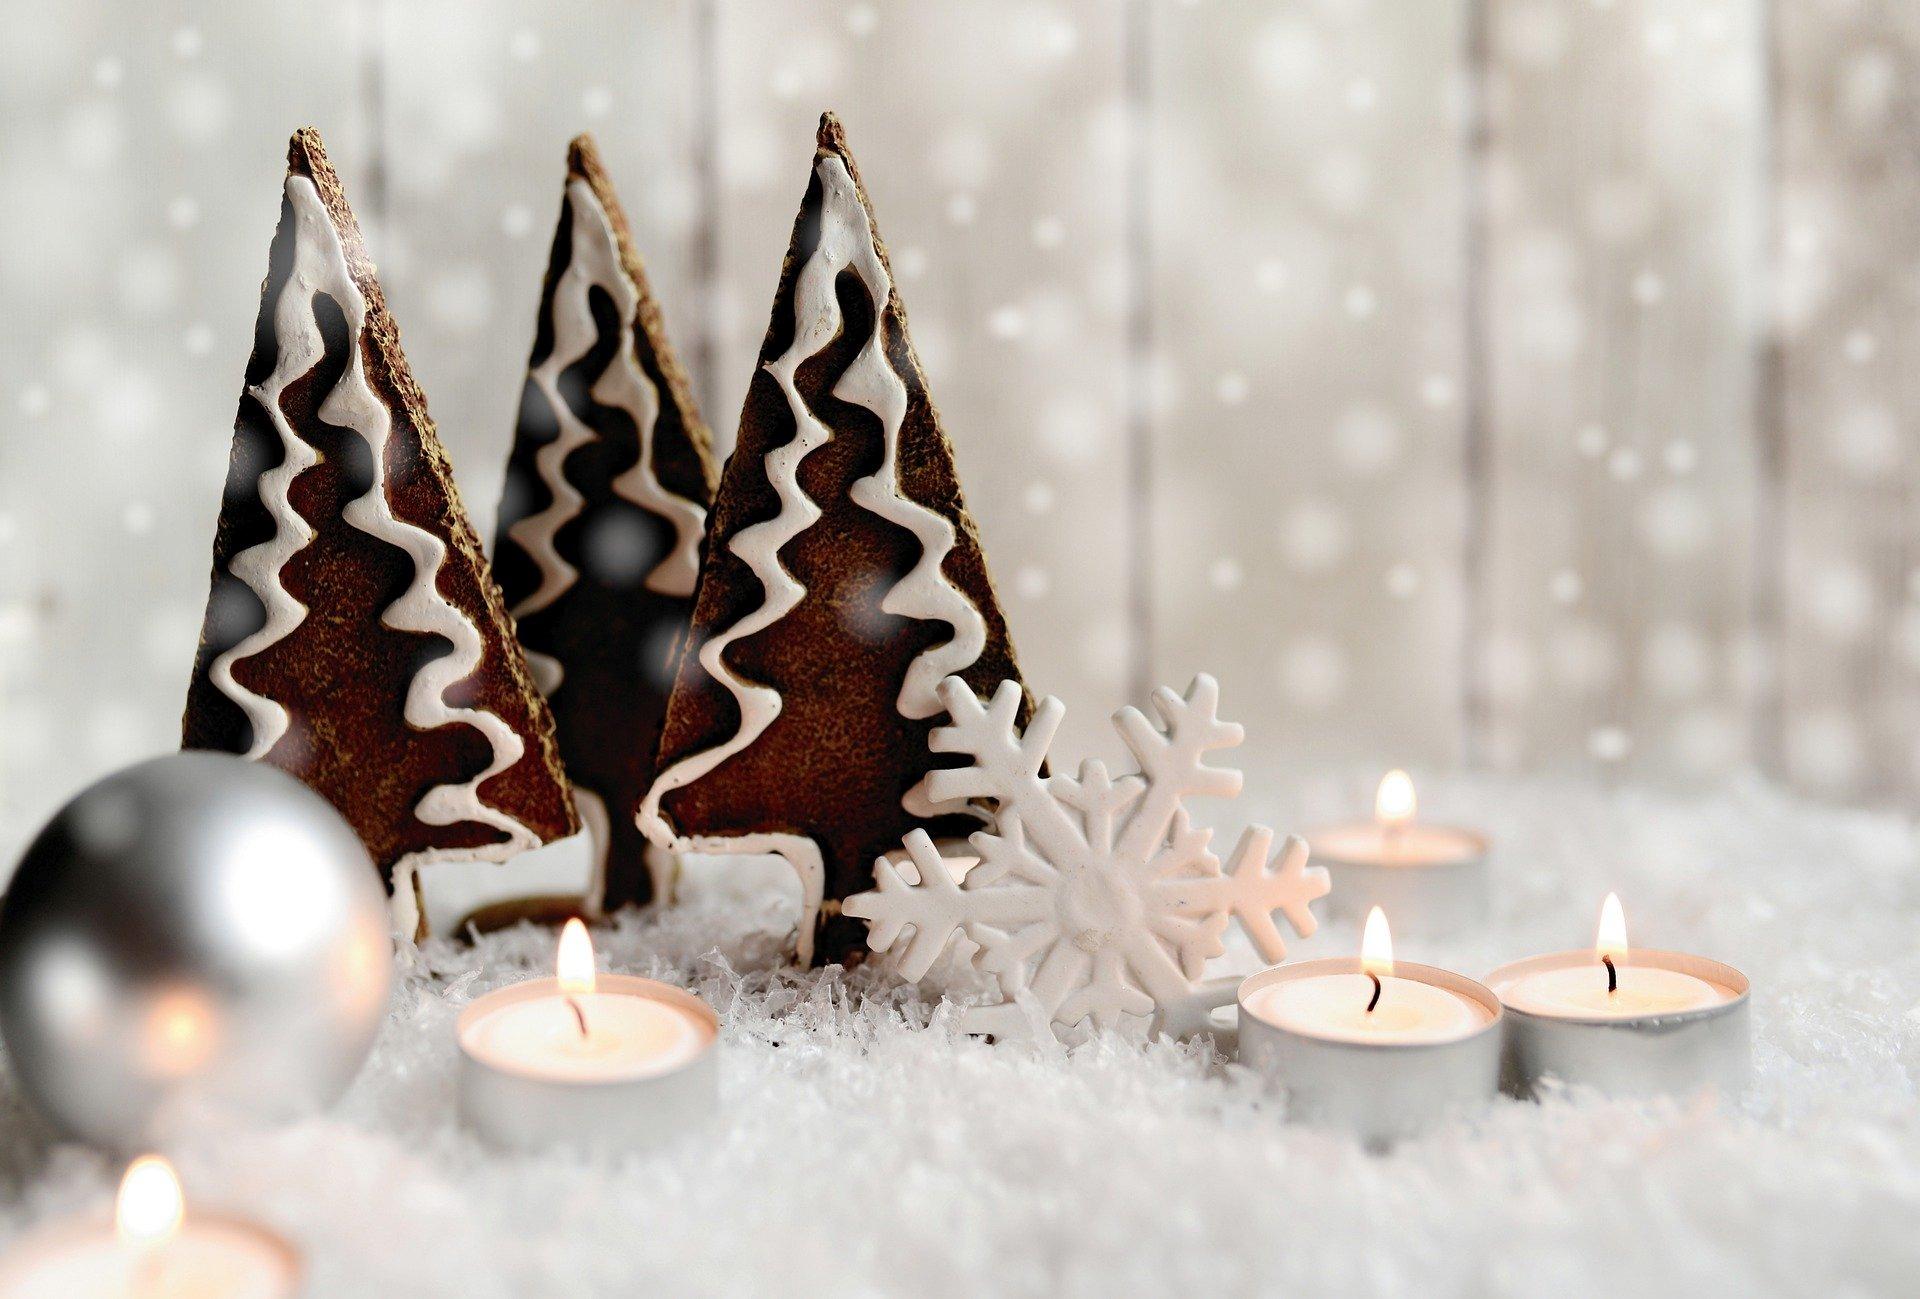 Świąteczne inspiracje - zimowe